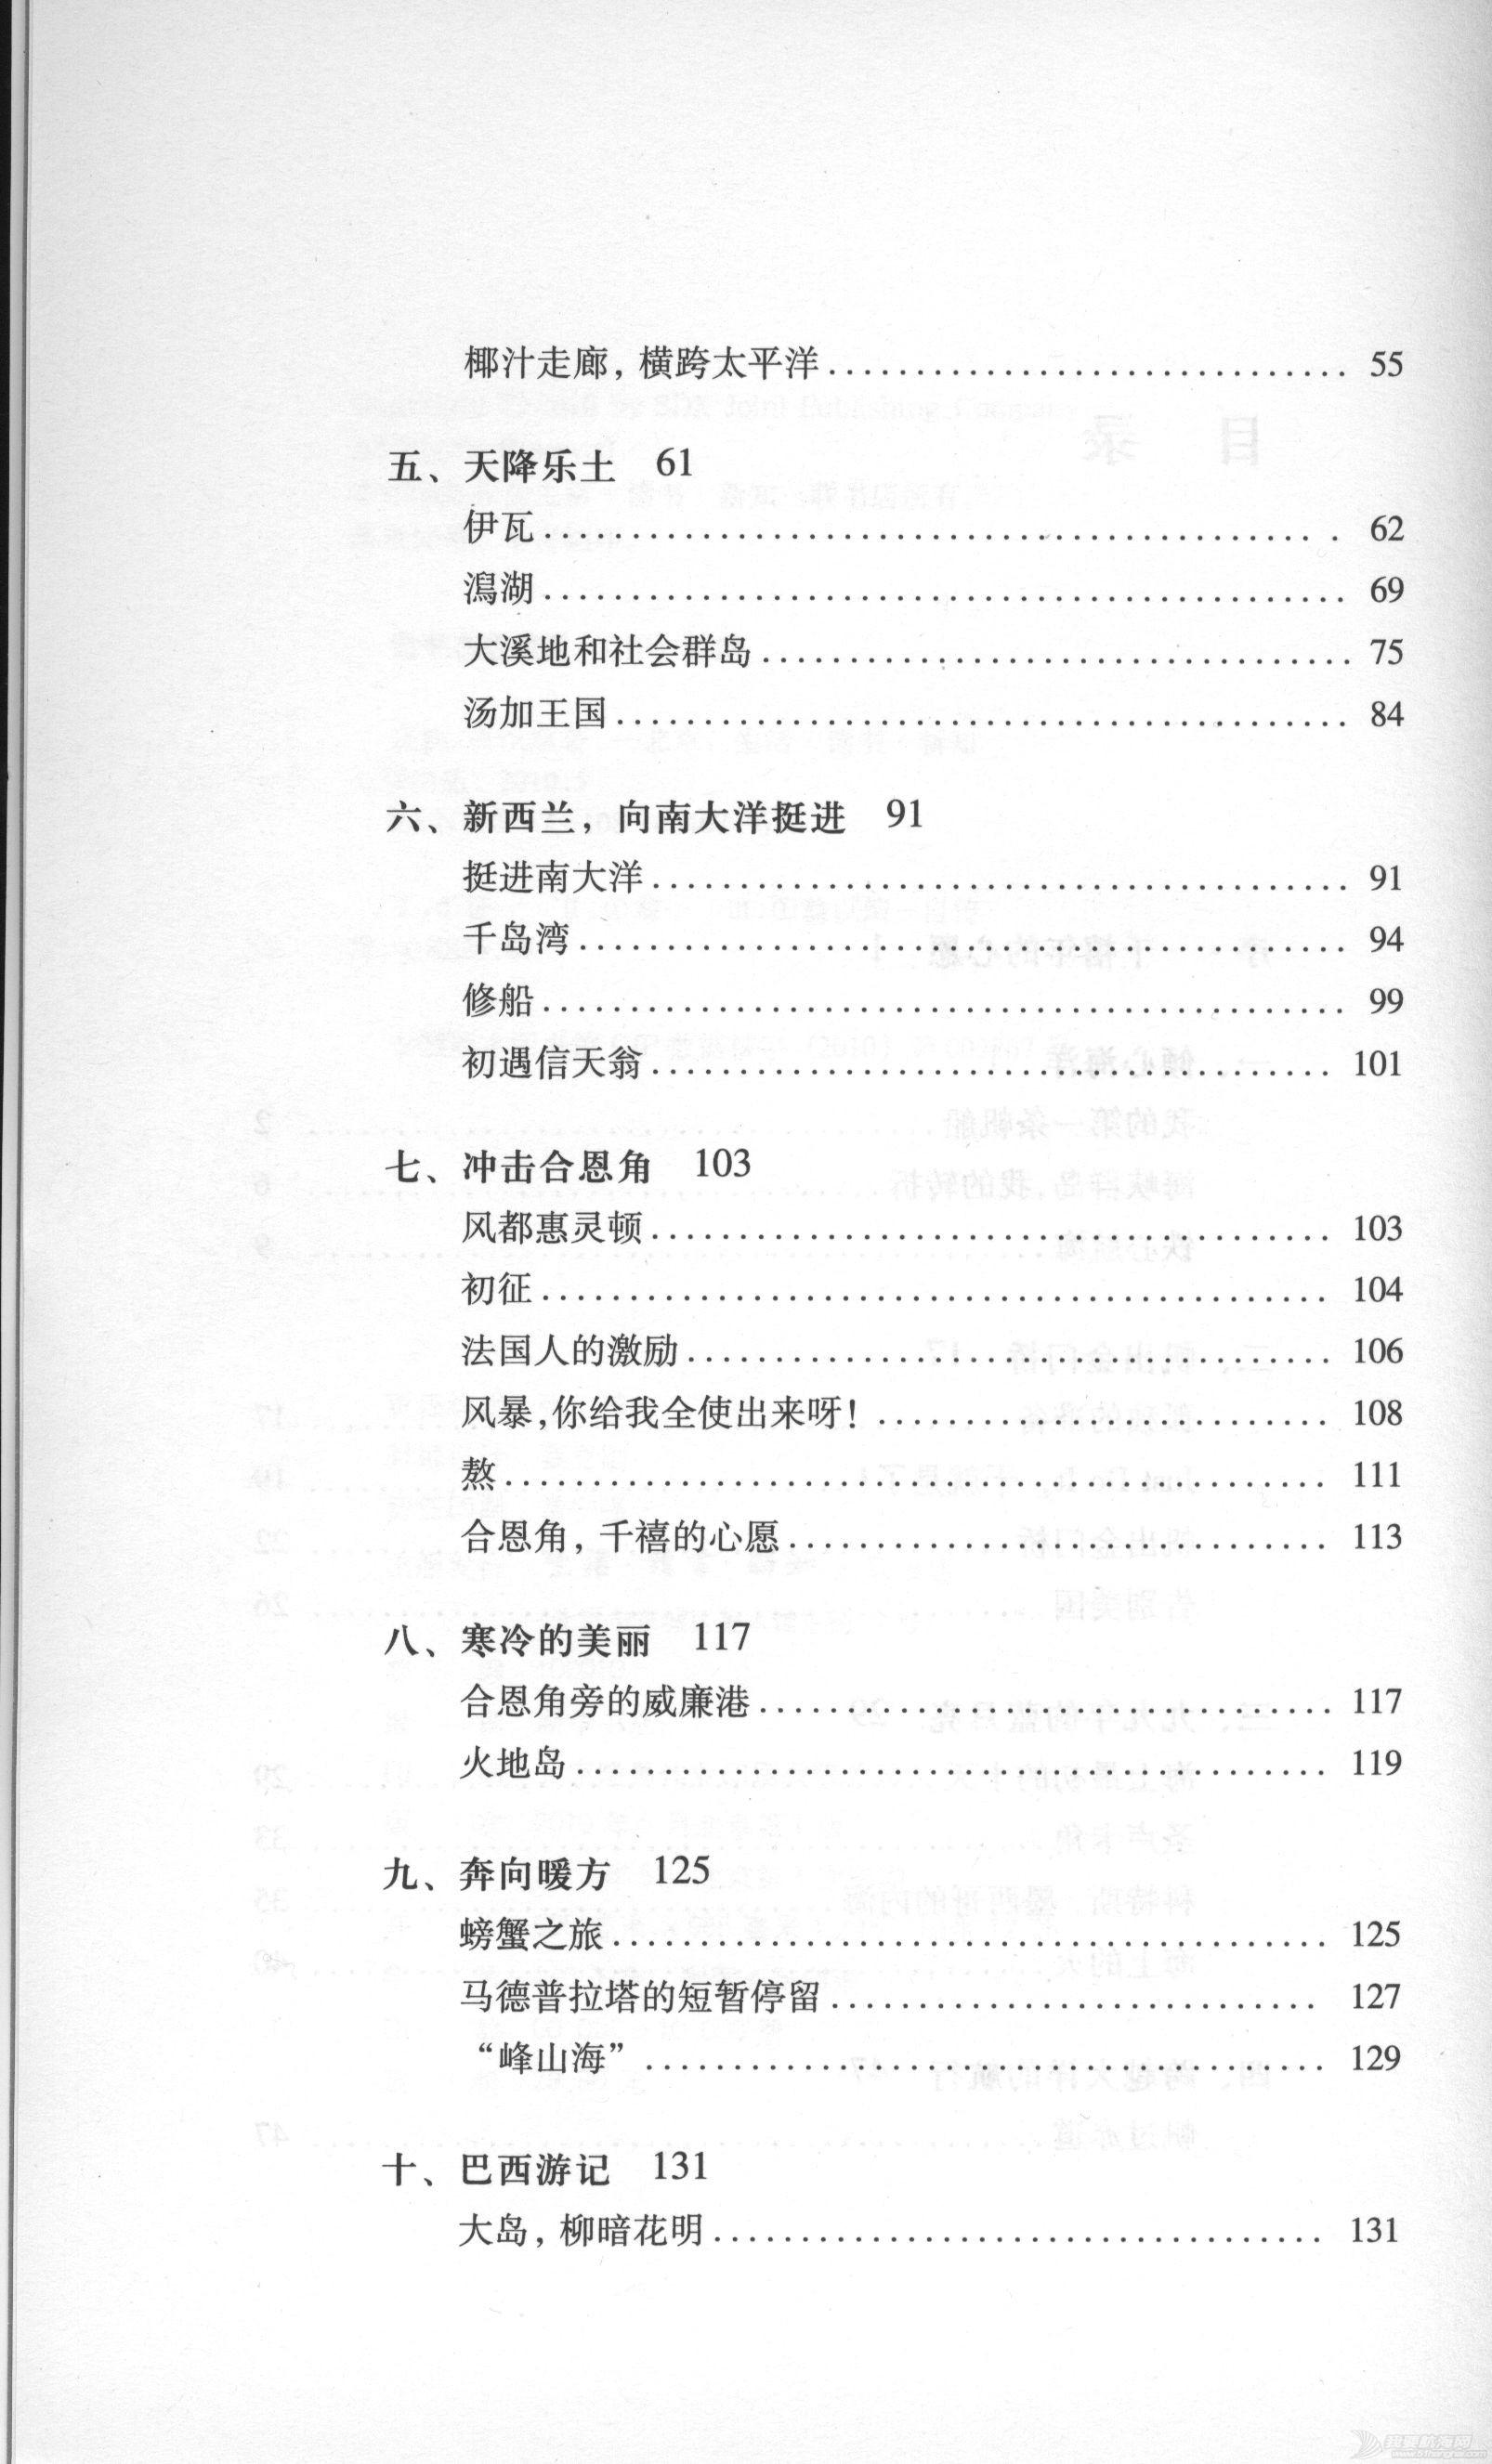 《征帆》  PDF文件 下载 2.jpg